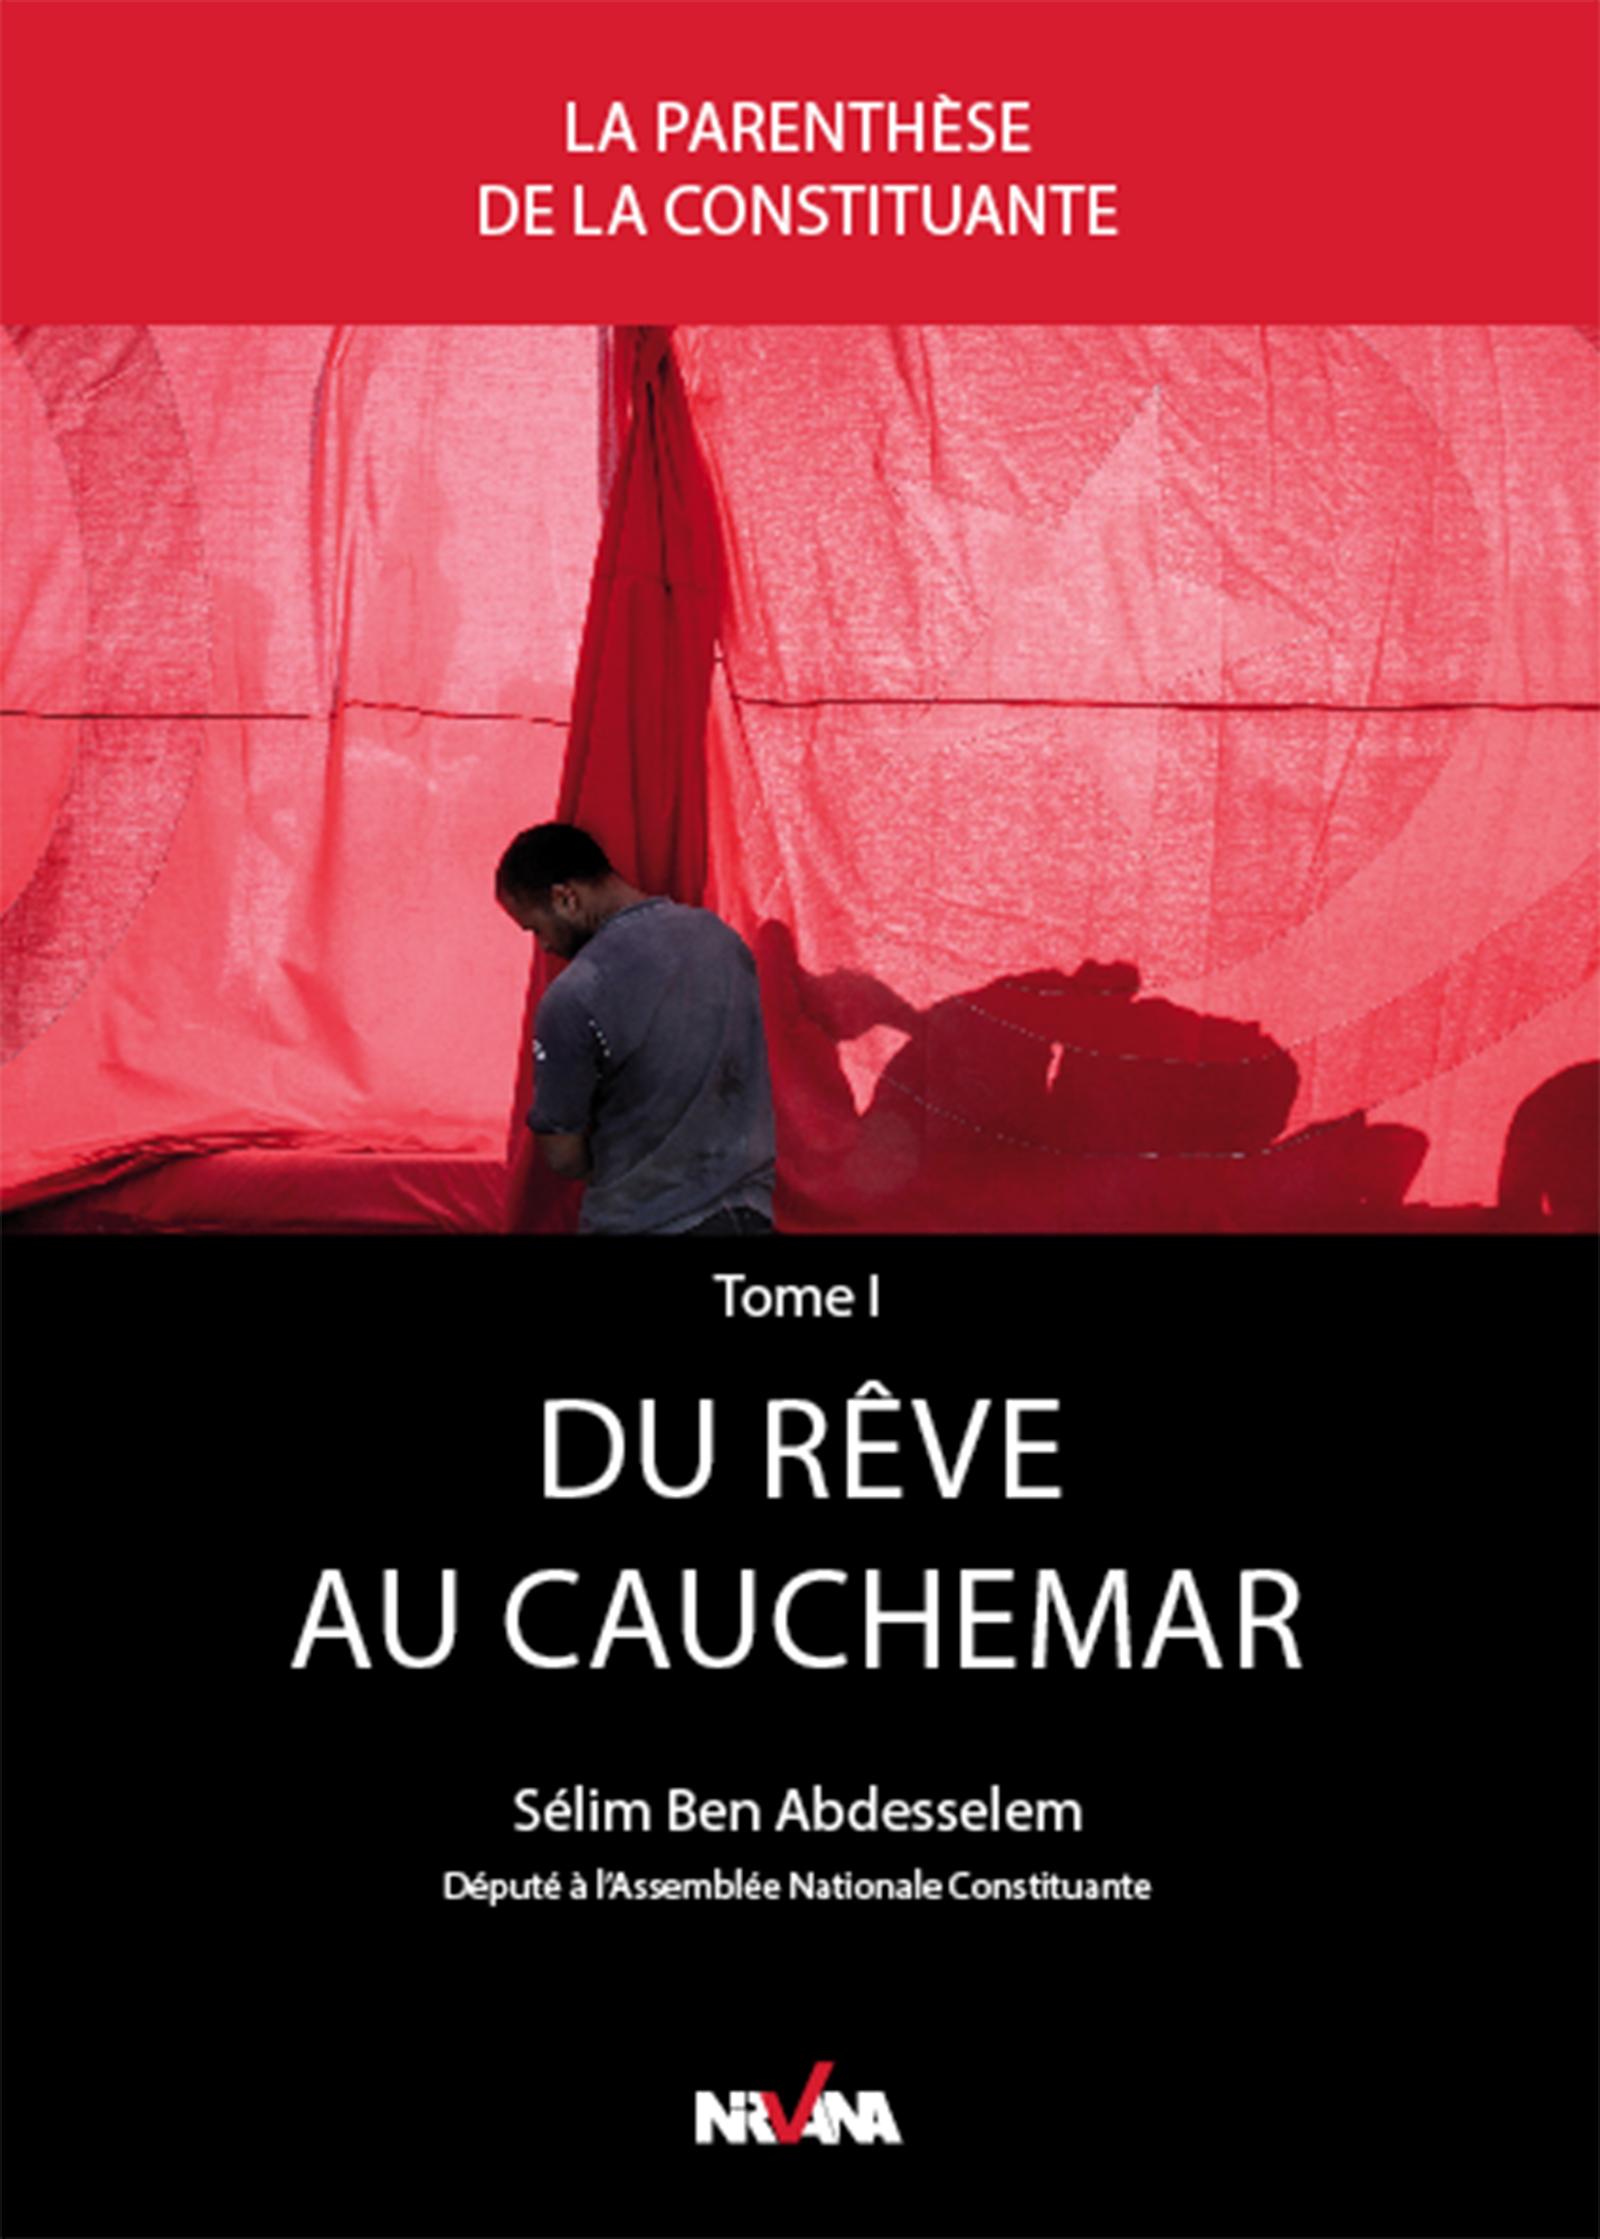 Du rêve au cauchemar, Genèse de la Constitution tunisienne entre deux campagnes électorales - Chronique de l'Assemblée nat